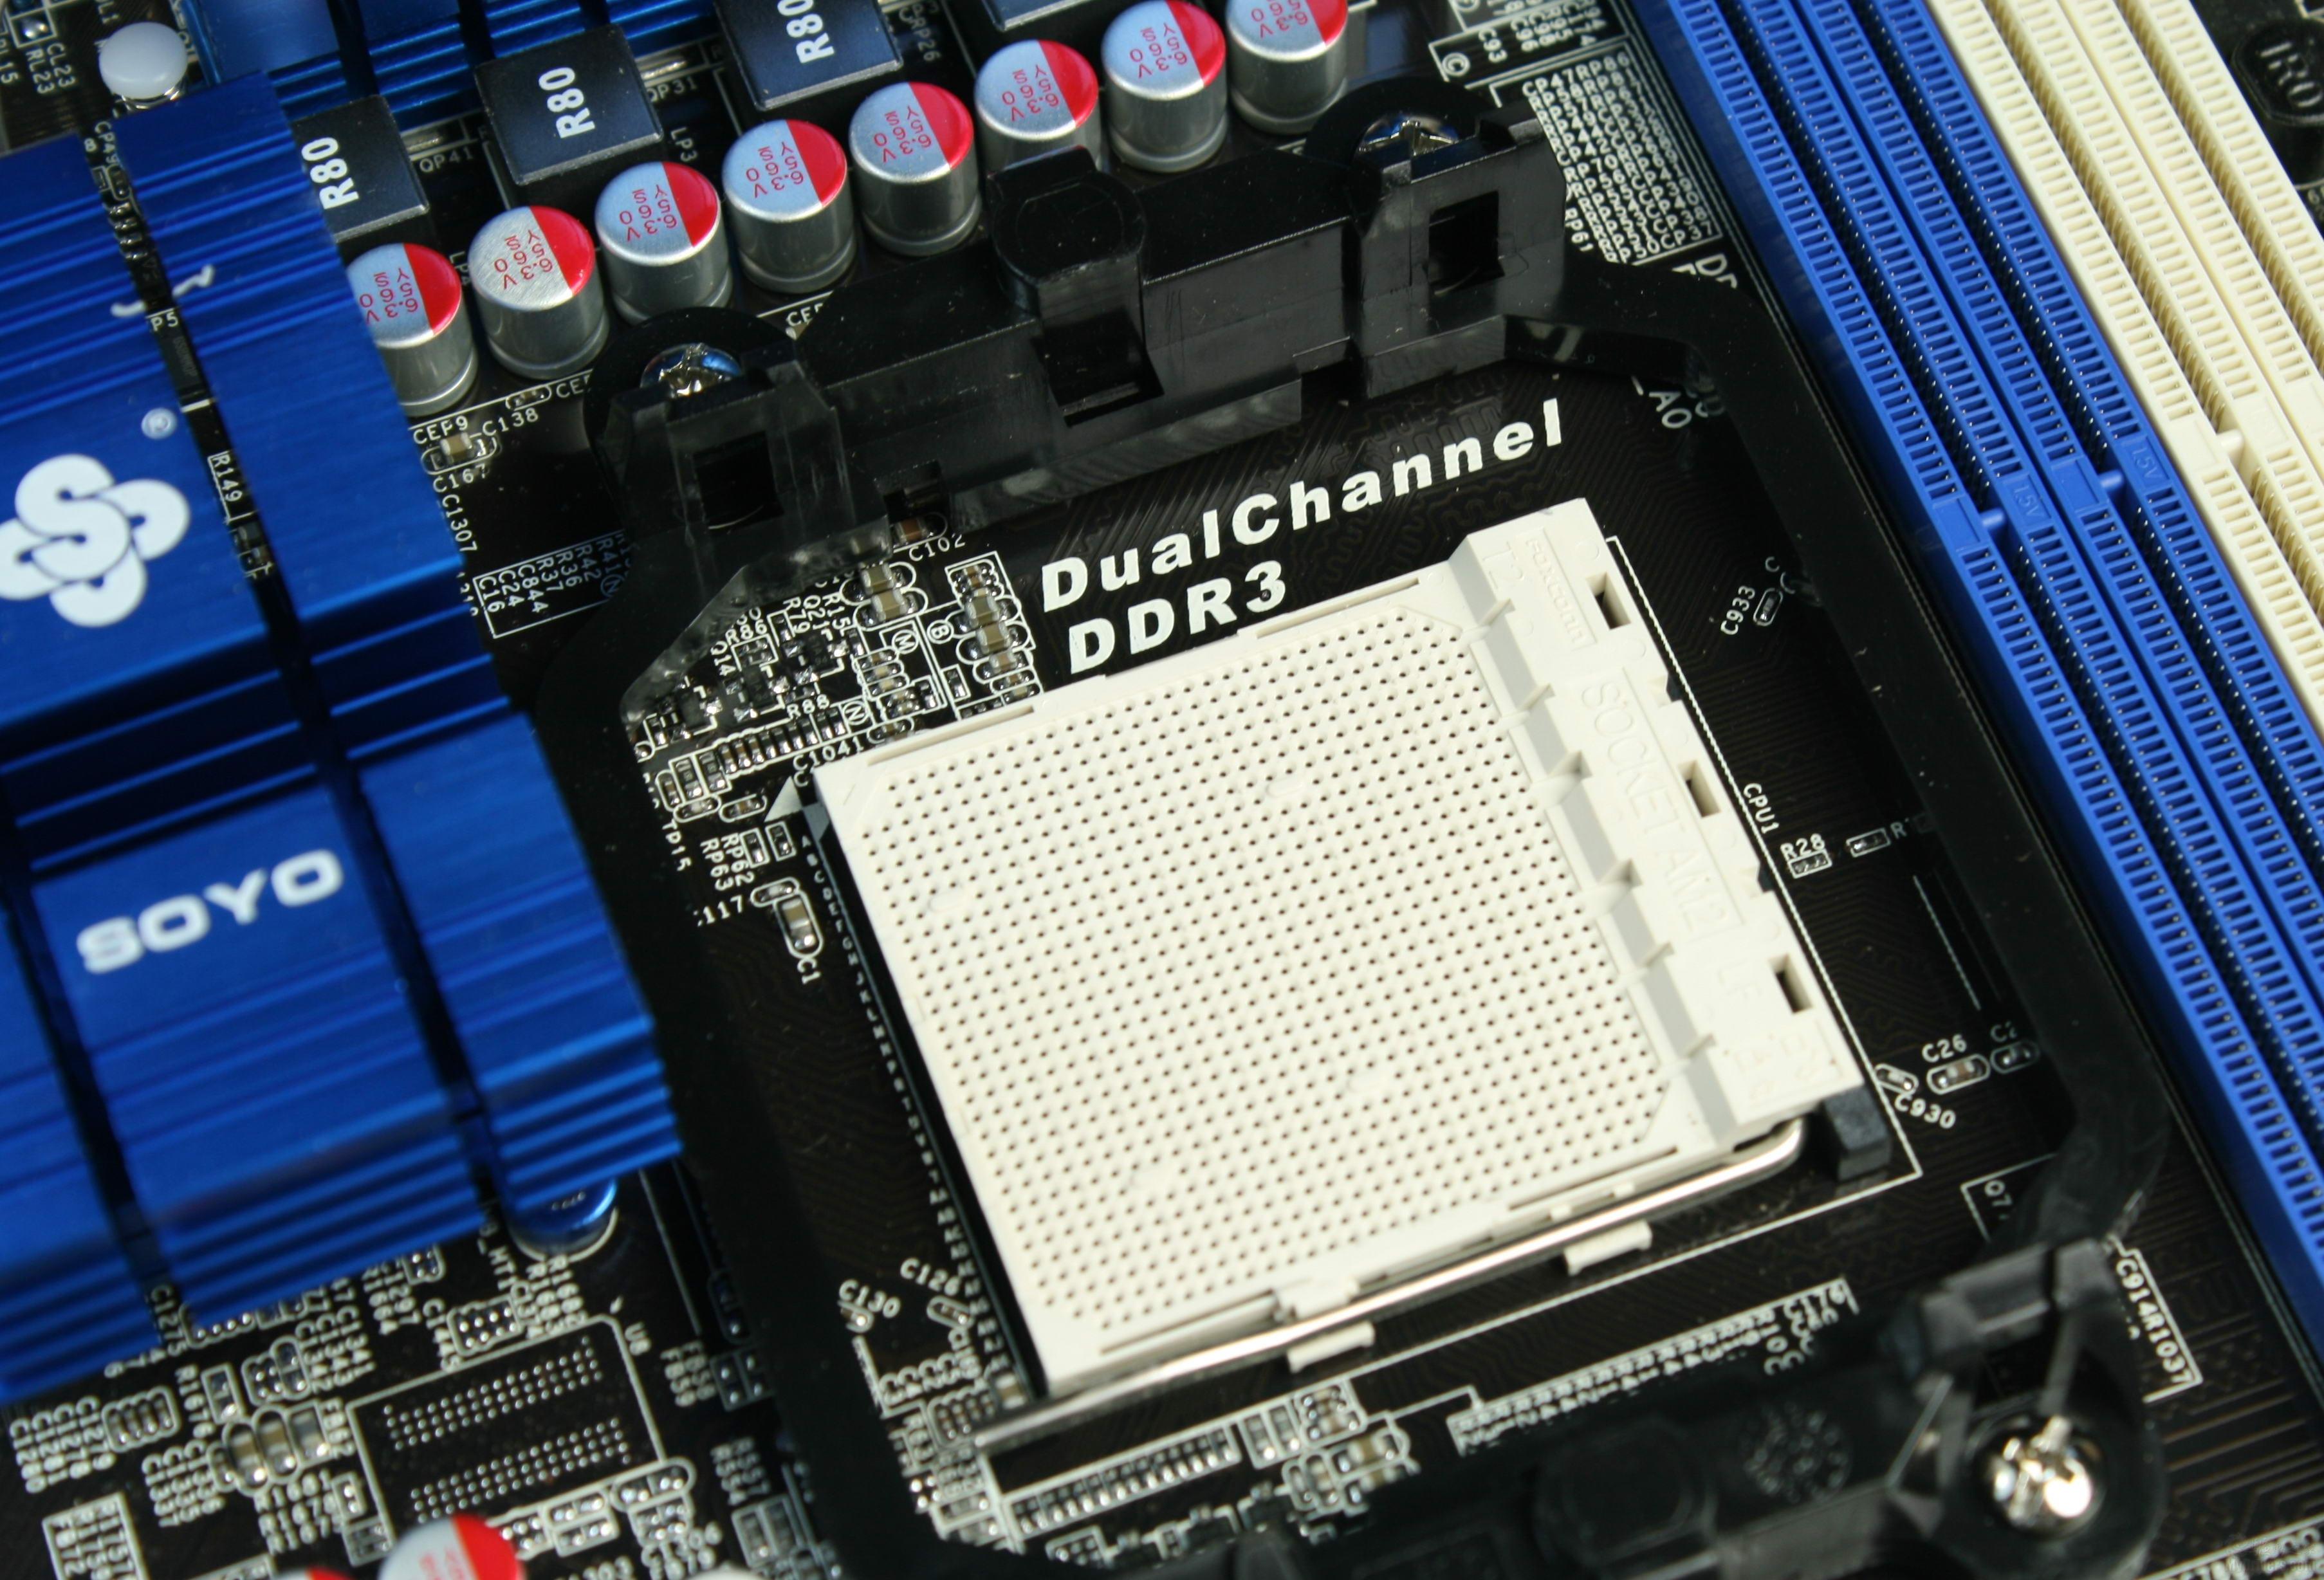 [2.梅捷SY-A7M3+主板赏析一]  ATX大板设计 这款主板采用了ATX大板型设计,布局空间游刃有余,黑色PCB也带给人以尊贵、高端的视觉感受。  CPU插槽 梅捷A7M3+主板采用了AMD 770芯片组,提供的CPU插槽是AM2+的,但是也支持目前主流的AM3处理器,而且提供的内存正好也是双通道DDR3。  DDR3内存槽 这款主板提供了四条DDR3内存,并用清爽的蓝白二色区分双通道,内存部分也使用了全固电容提供独立供电。  PCIE扩展槽 AMD 770芯片组本身并不支持交火,不过这一功能早已被